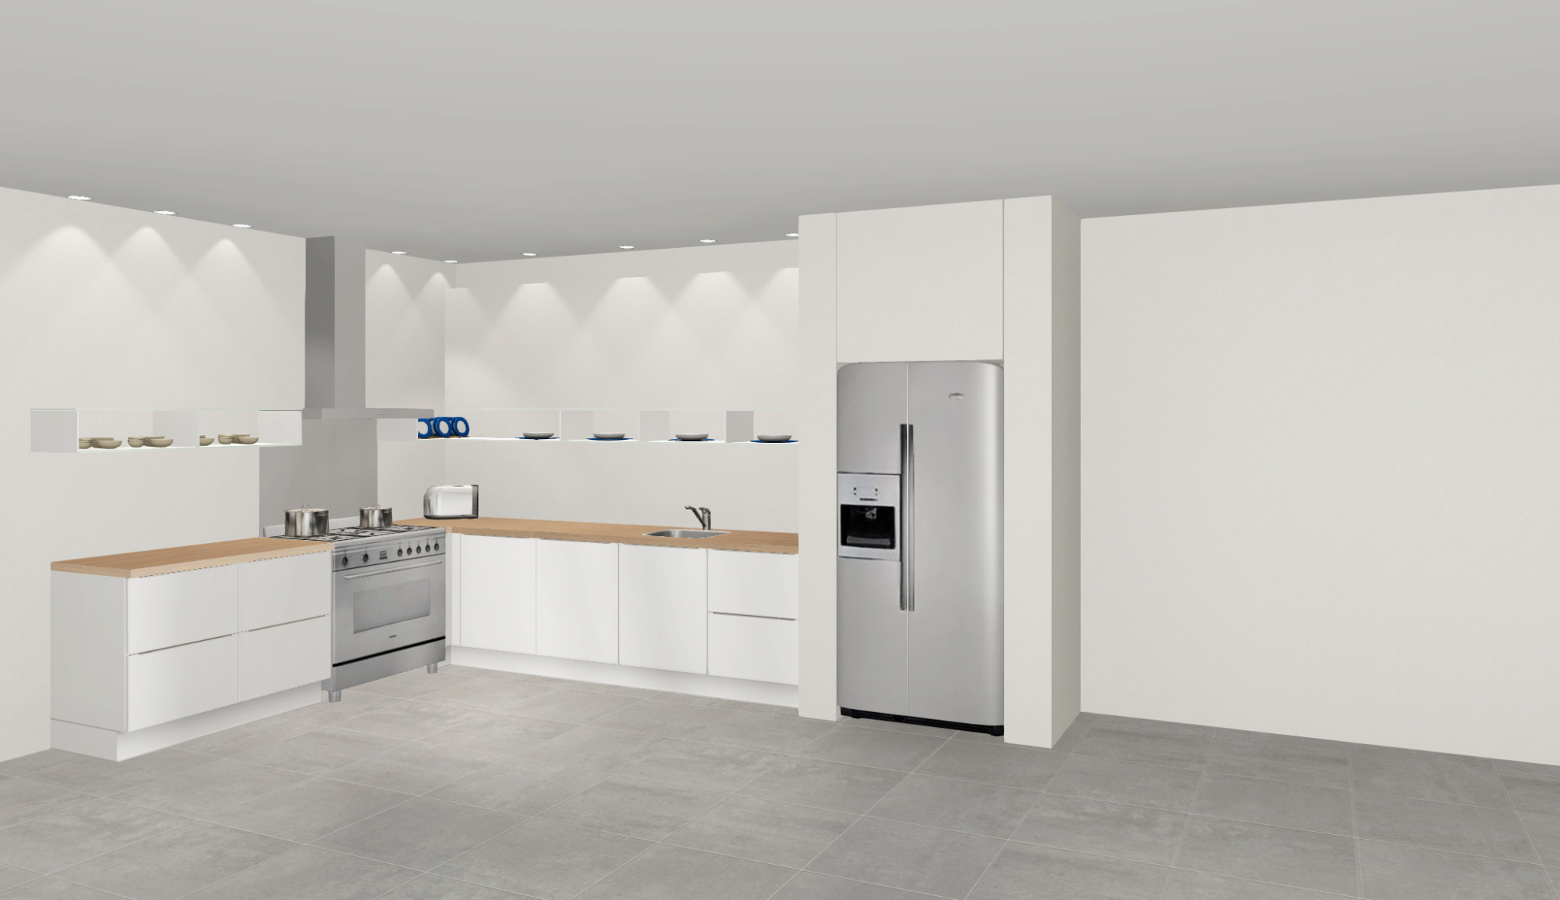 Keuken Catalogus Ikea : Hoek bovenkast keuken ikea u2013 informatie over de keuken